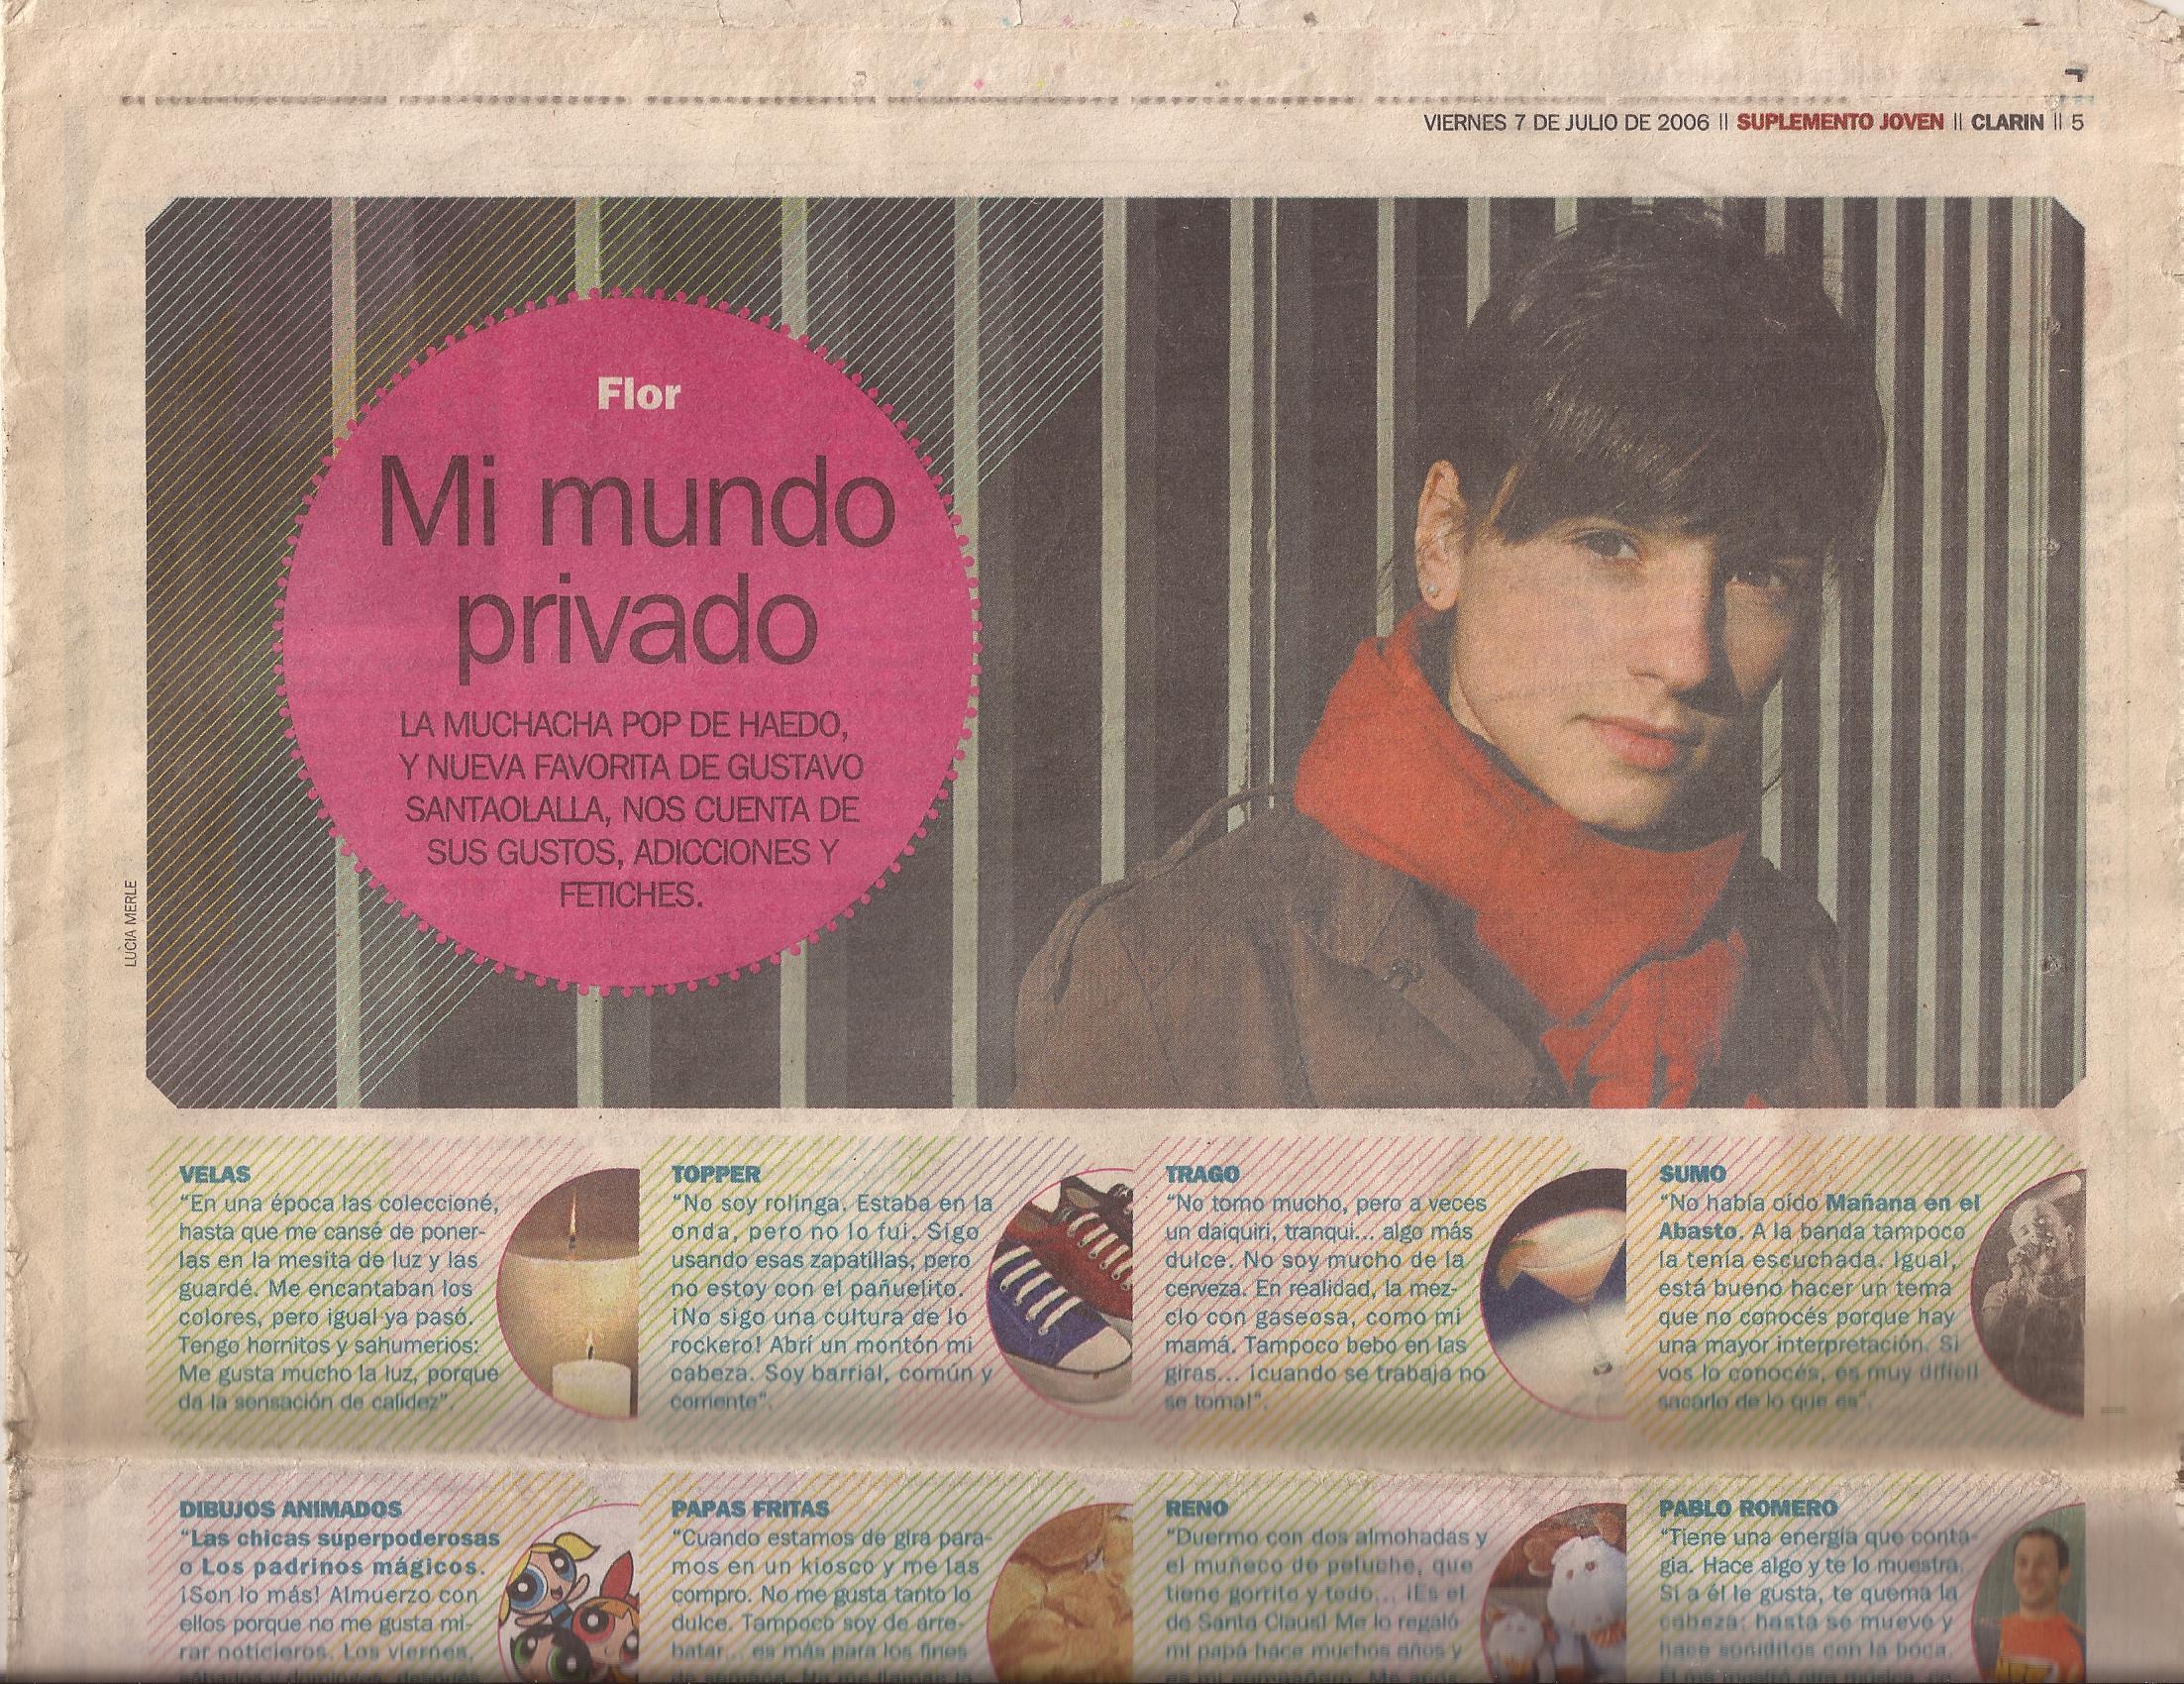 Entrevista. Diario Clarin